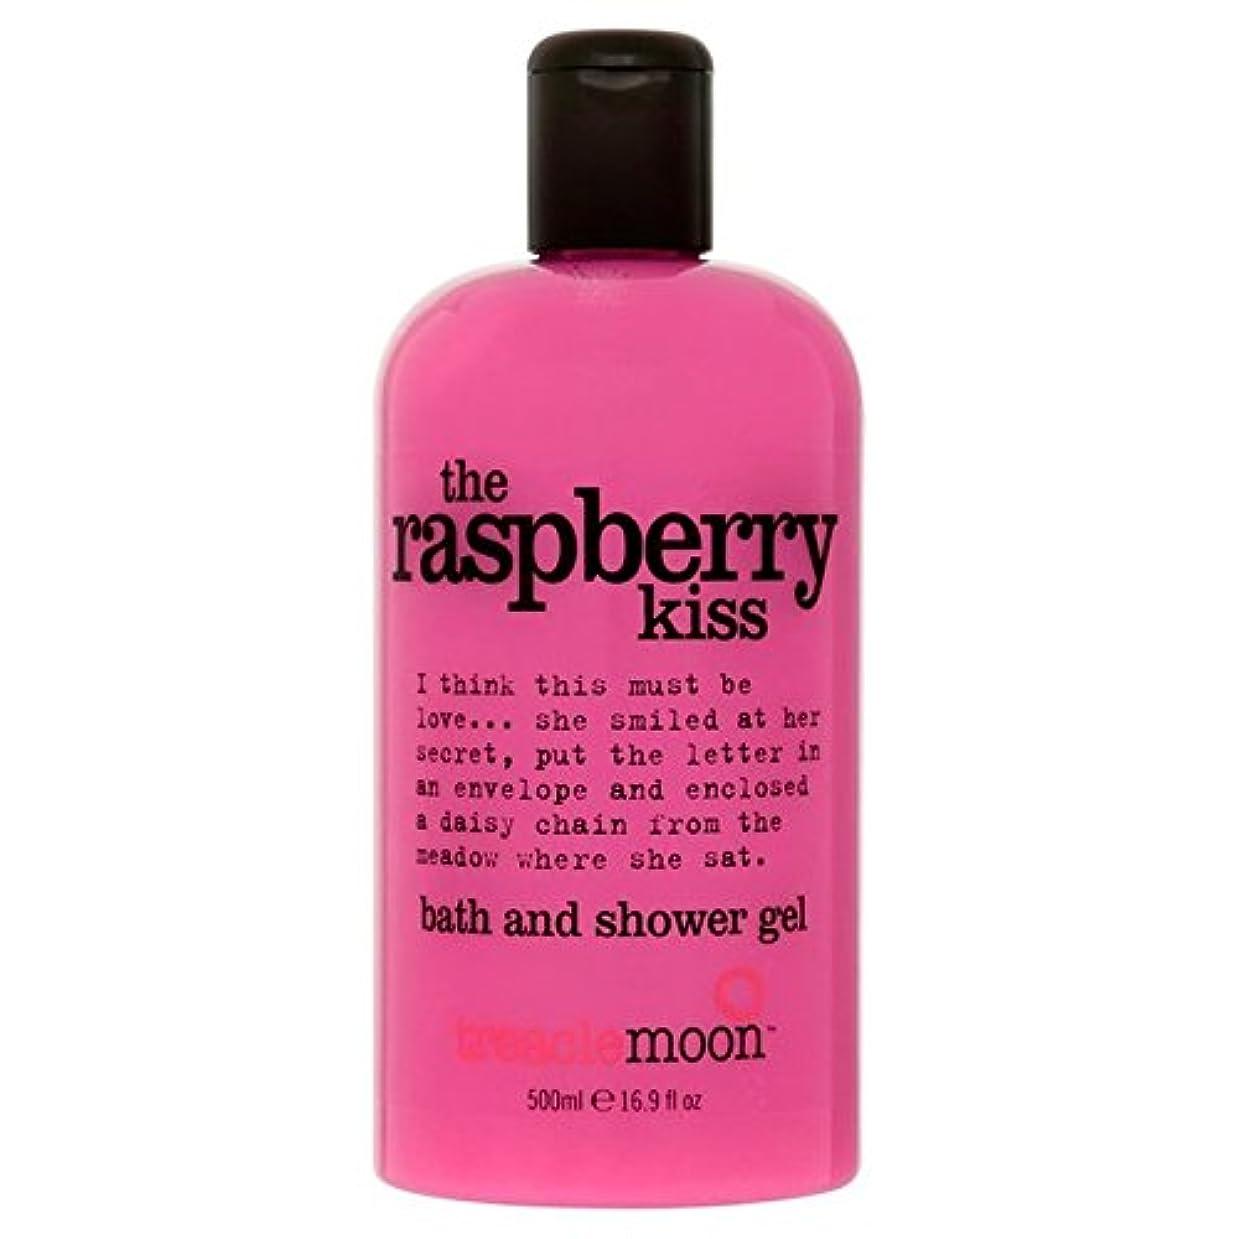 ハウス羽失態糖蜜ムーンラズベリーバス&シャワージェル500ミリリットル x4 - Treacle Moon Raspberry Bath & Shower Gel 500ml (Pack of 4) [並行輸入品]